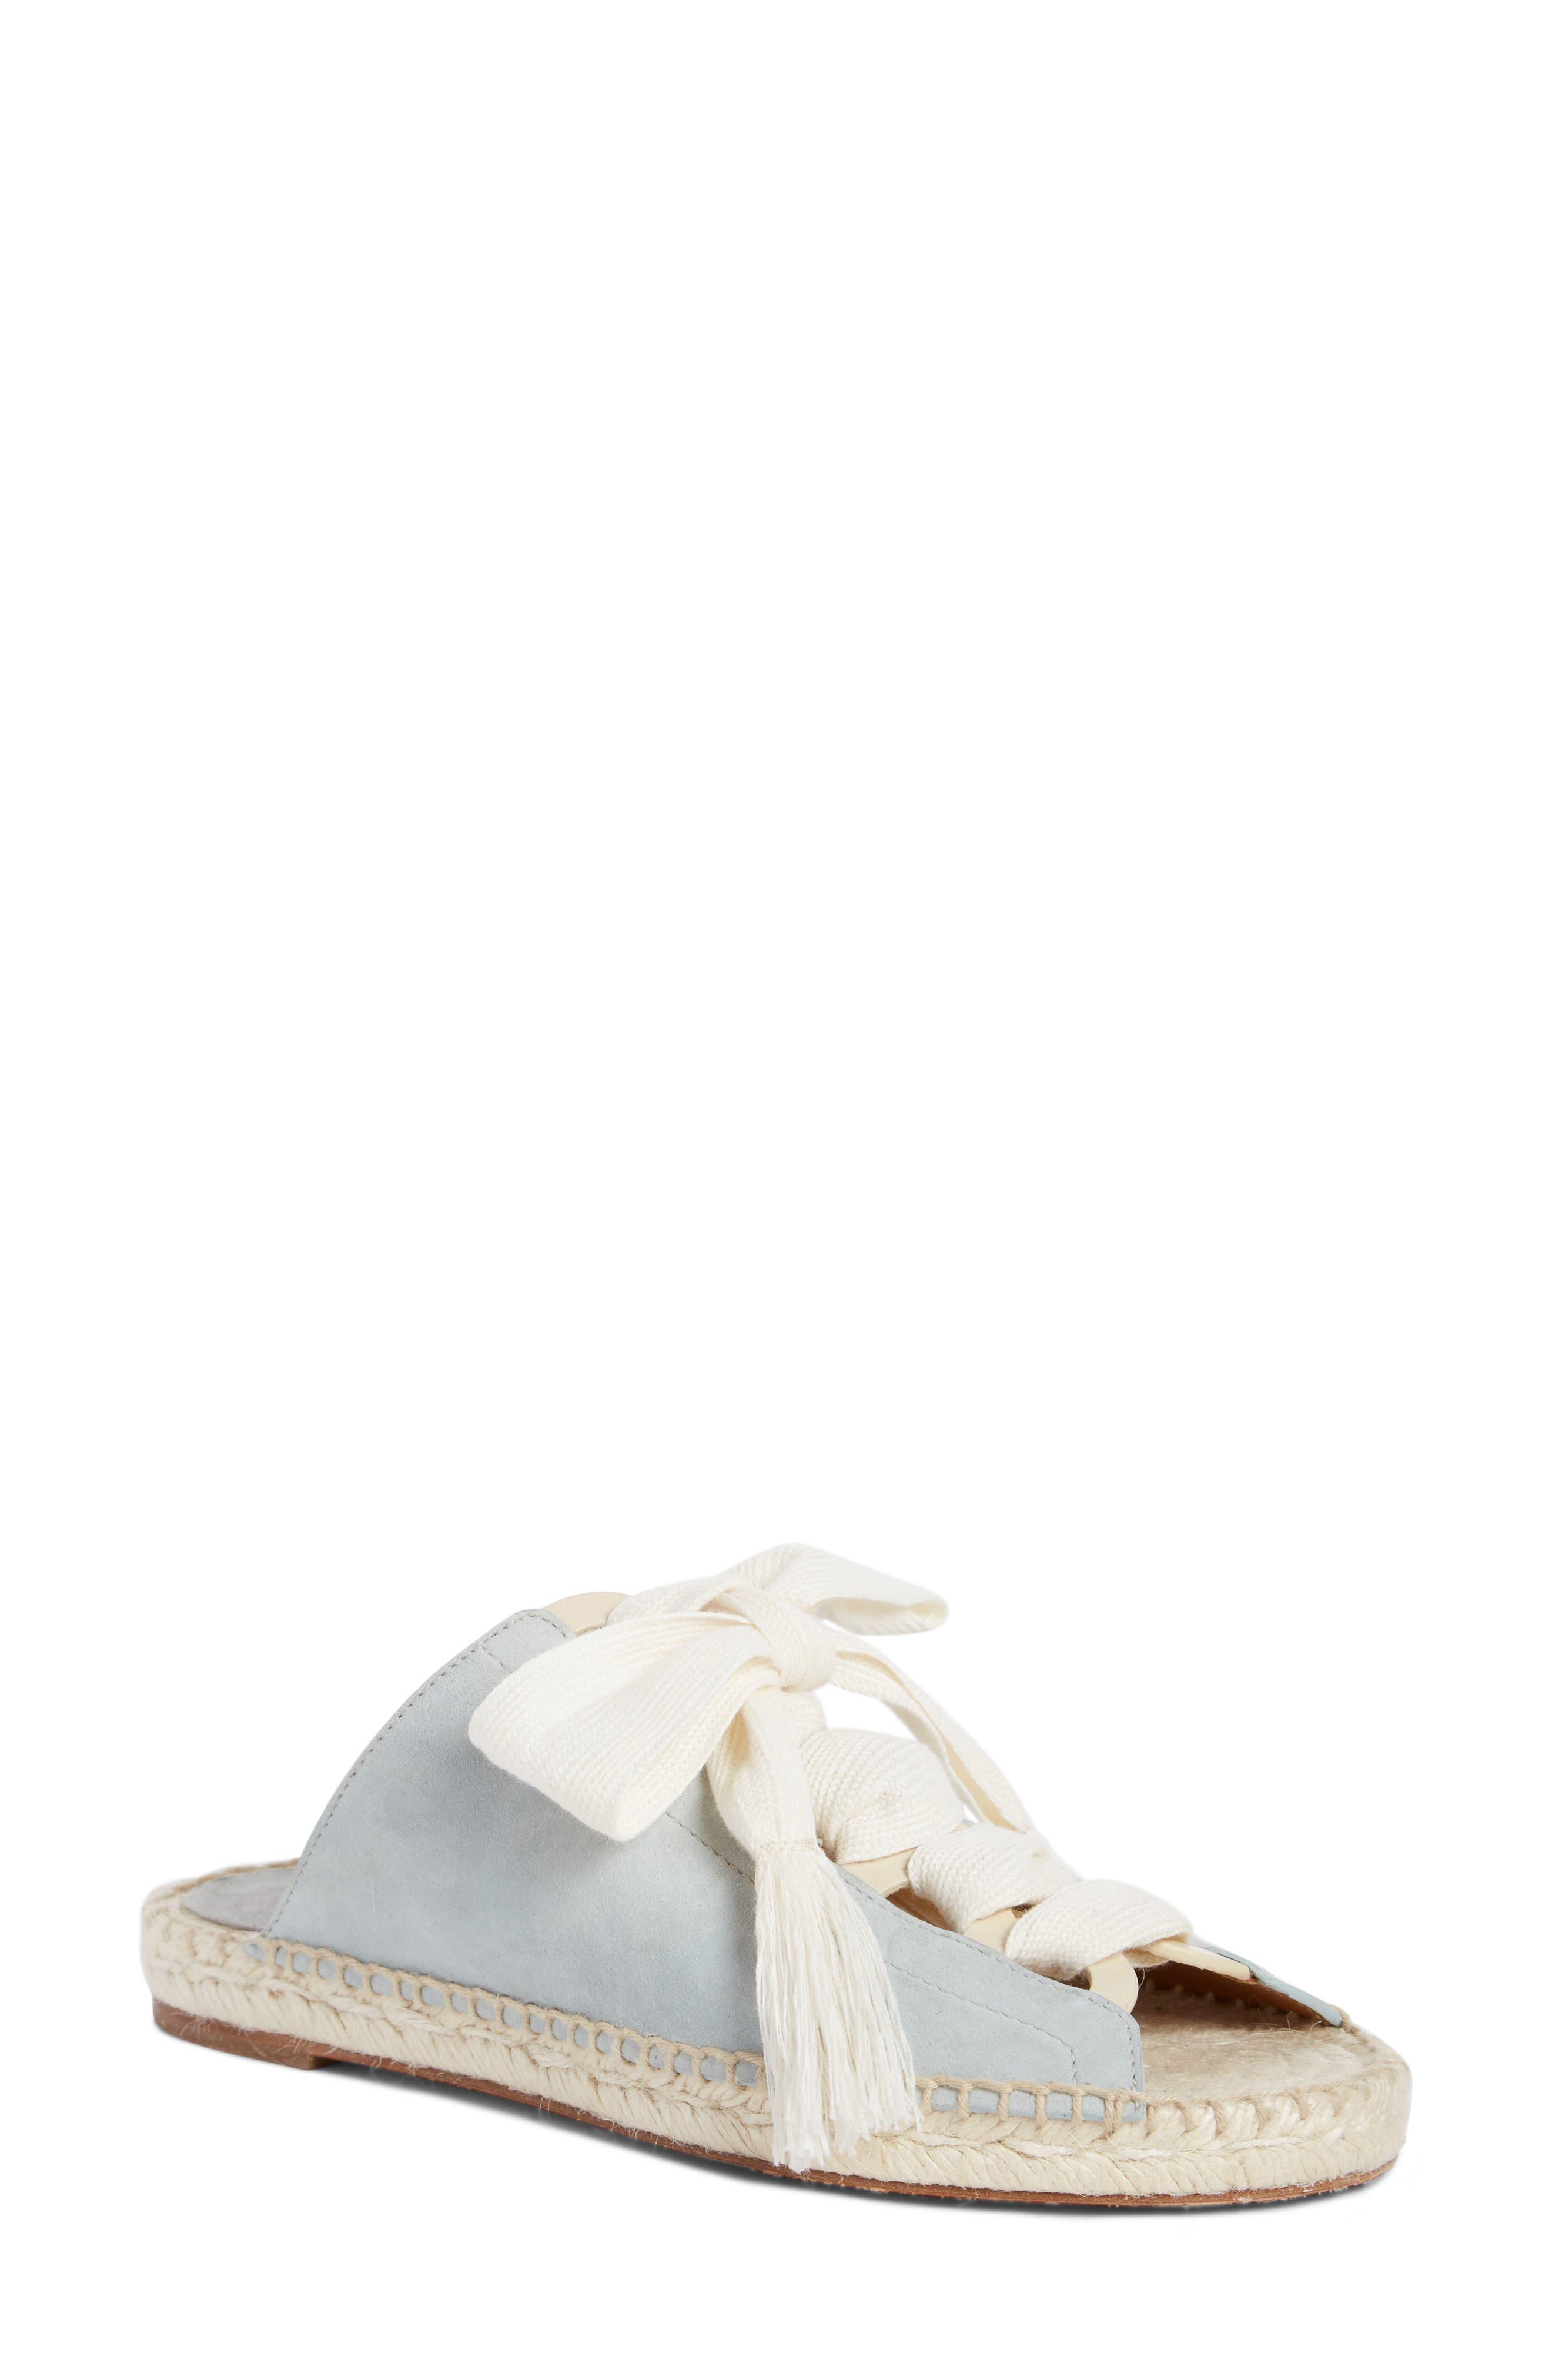 Harper Lace-Up Espadrille Slide Sandal,                         Main,                         color, Aether Blue